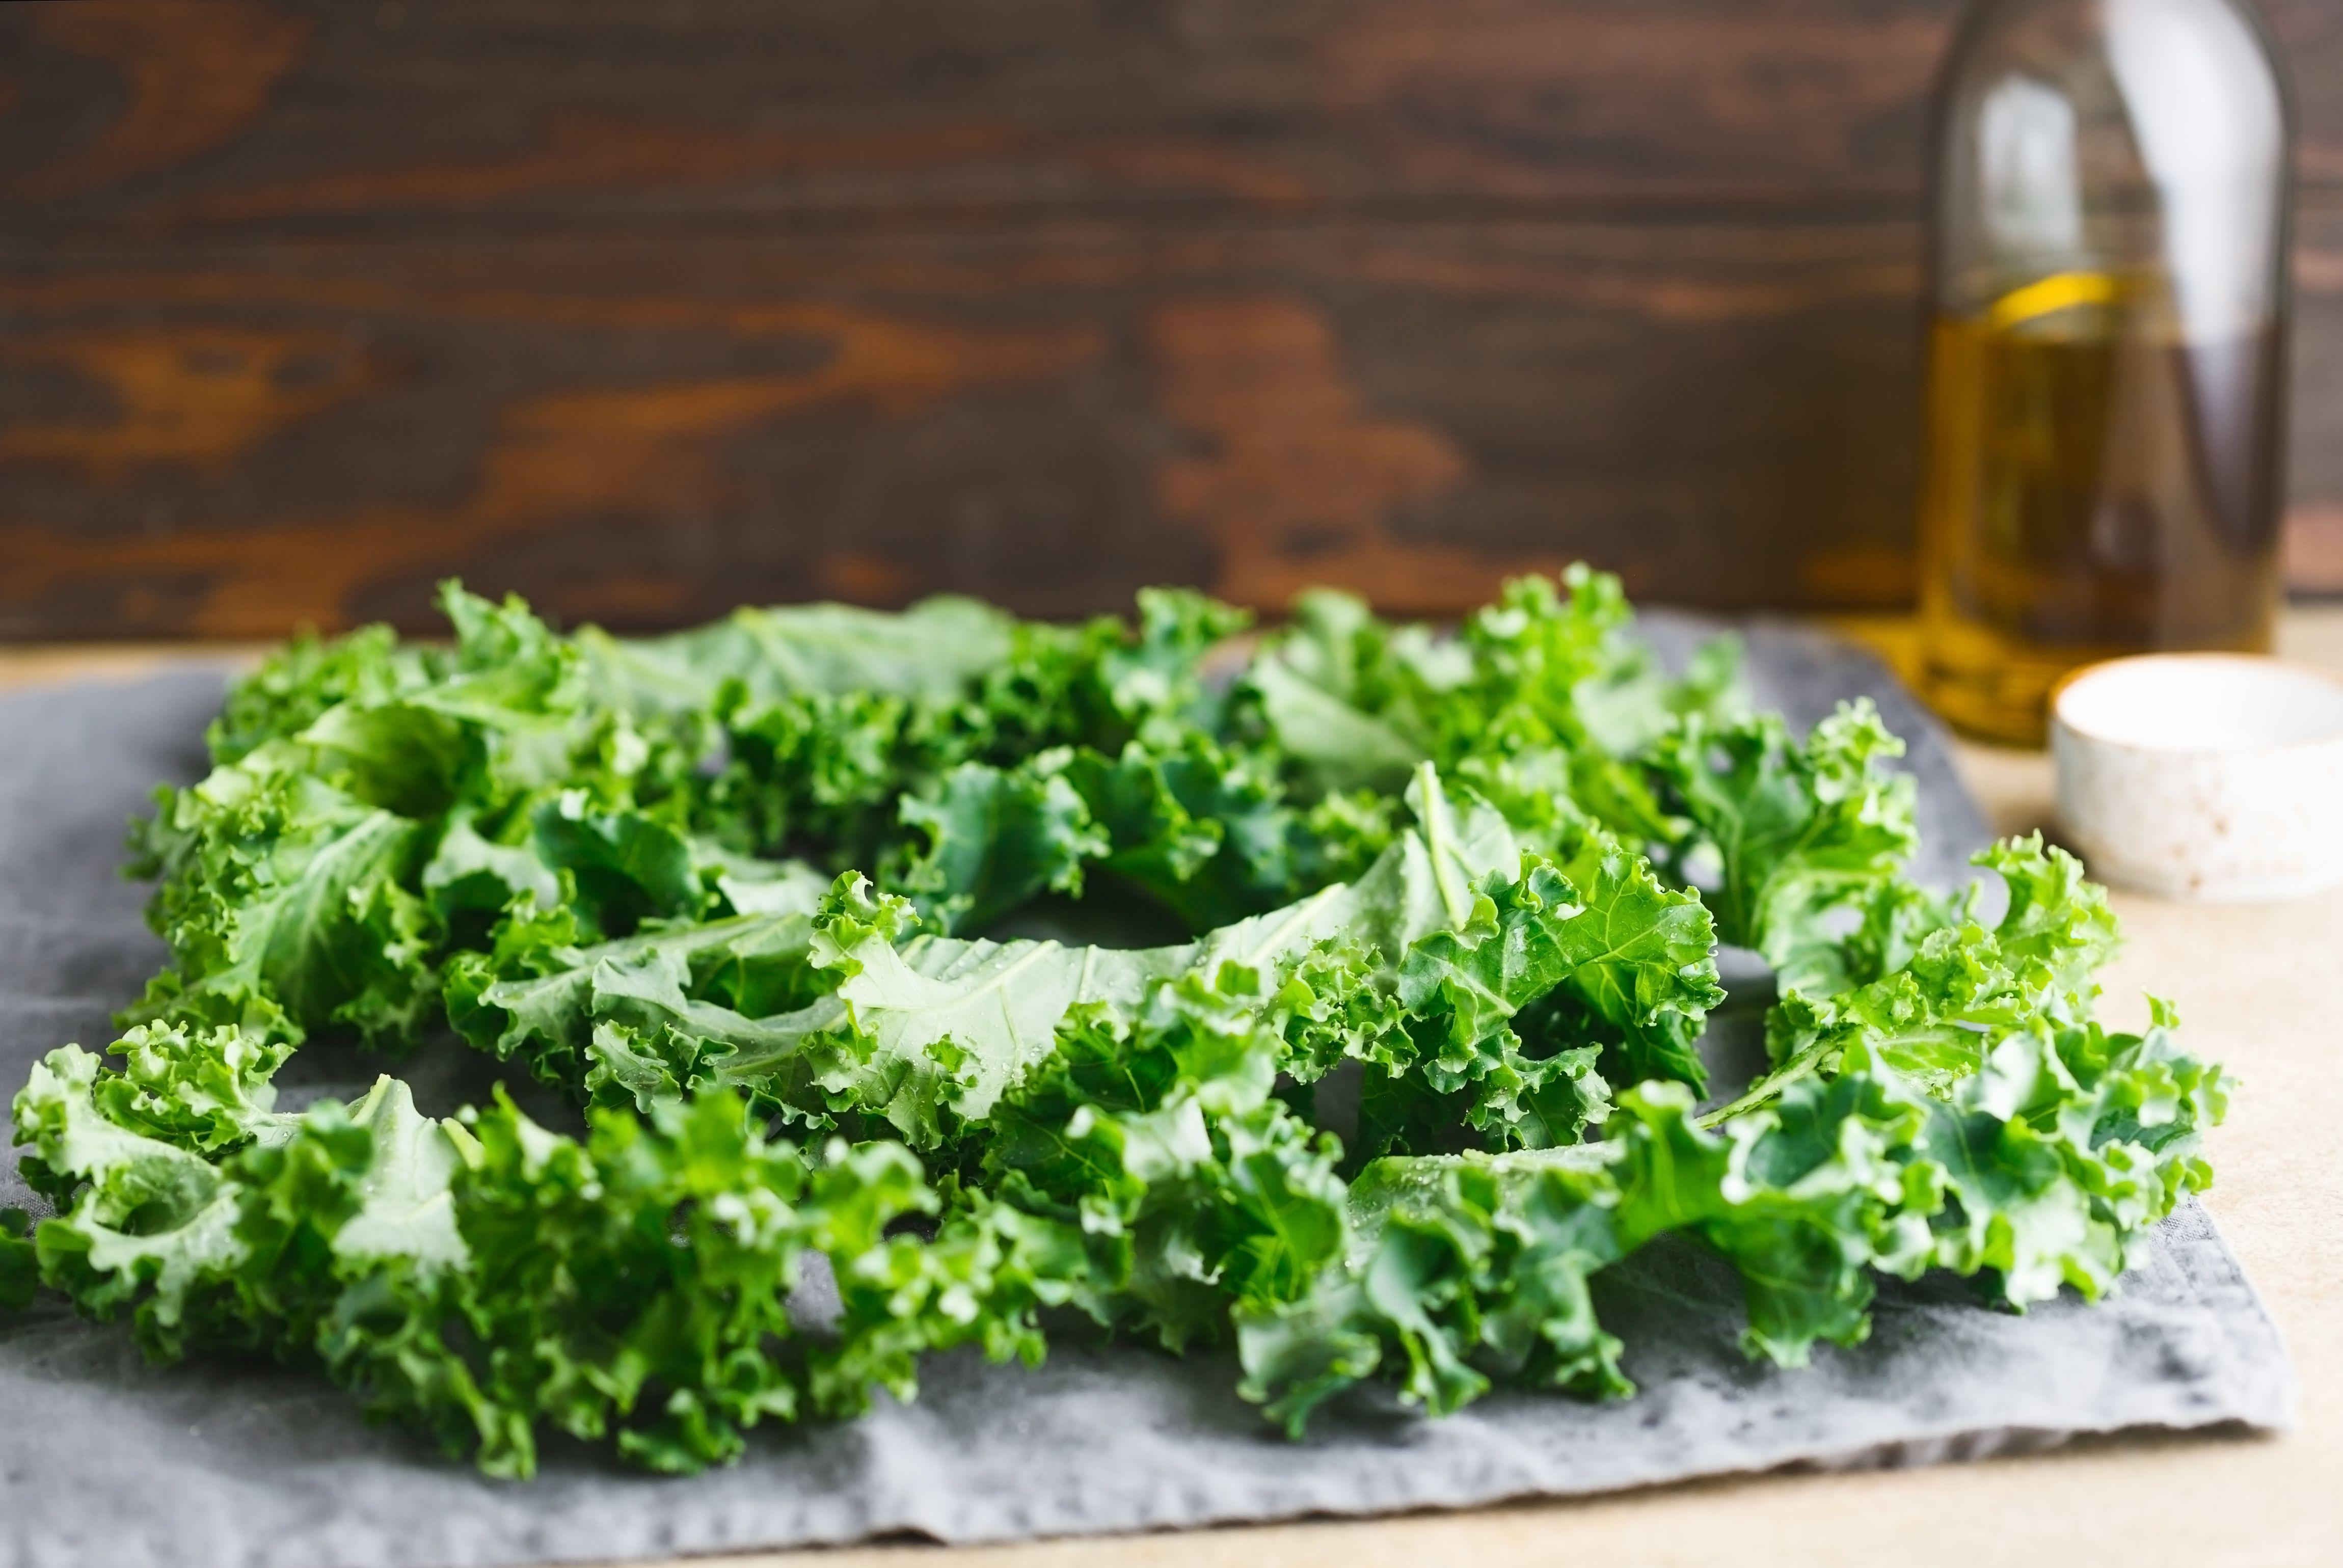 Rinse kale leaves